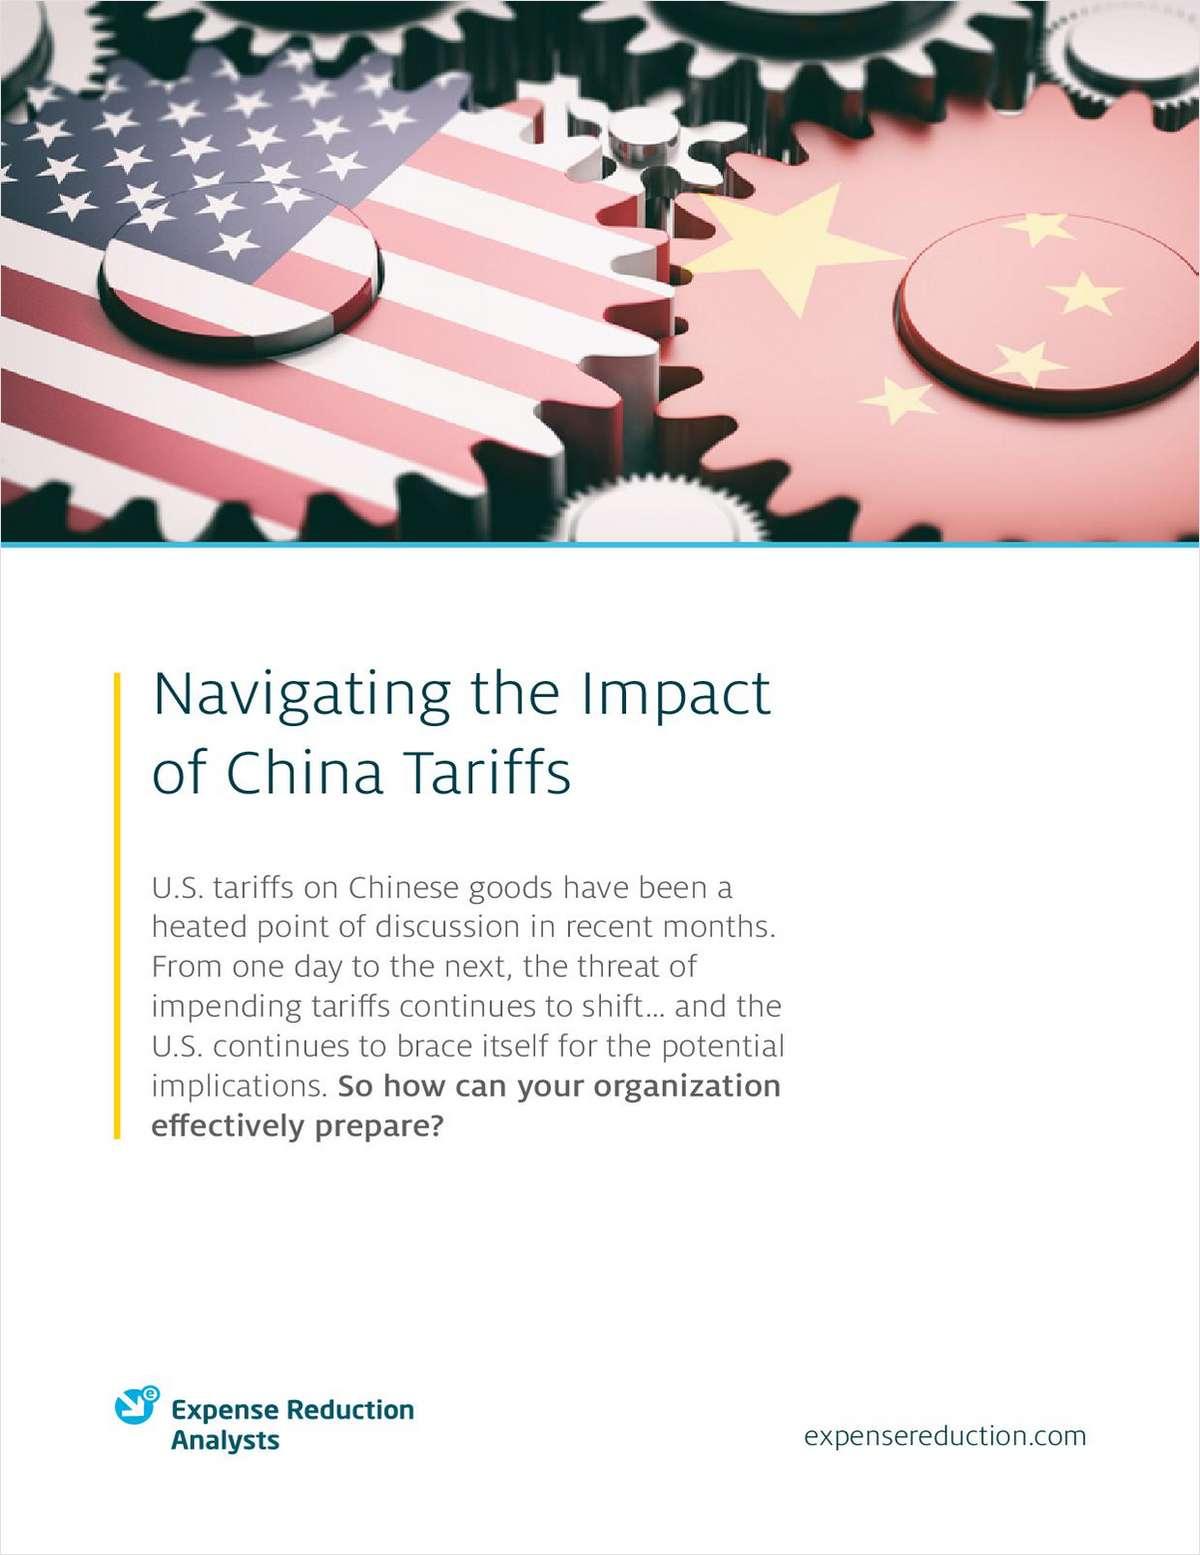 Navigating the Impact of China Tariffs